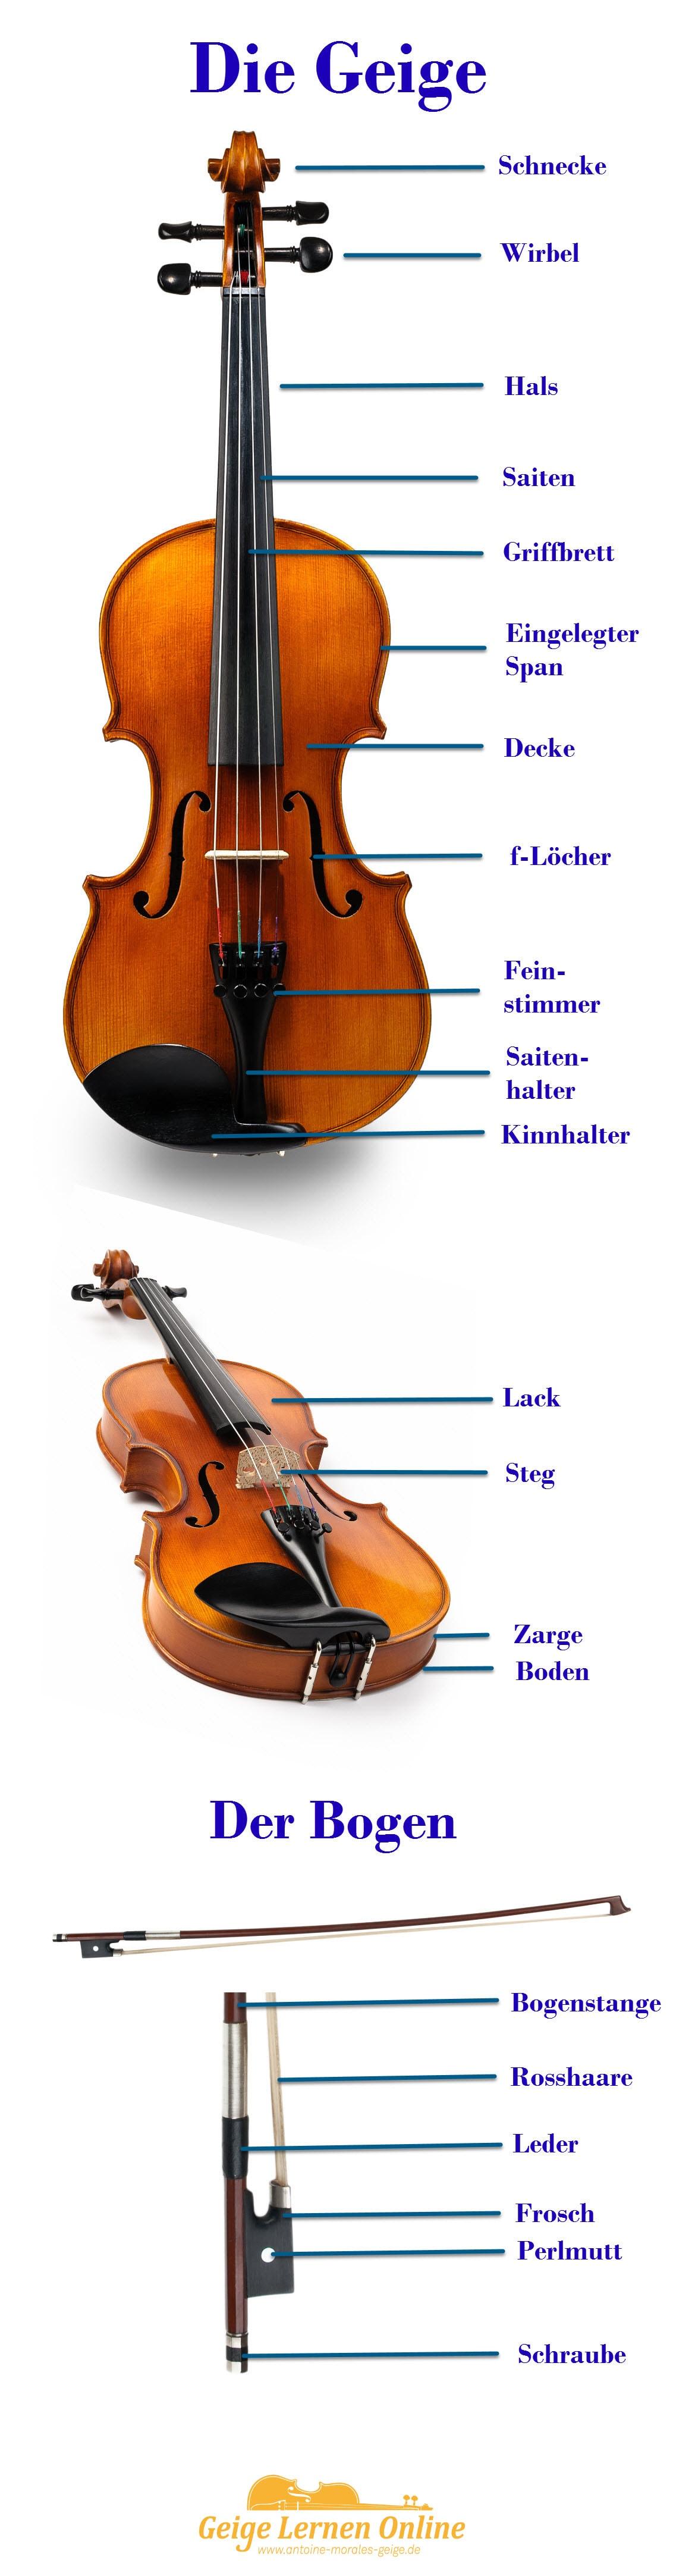 geige-violine-bogen-858px